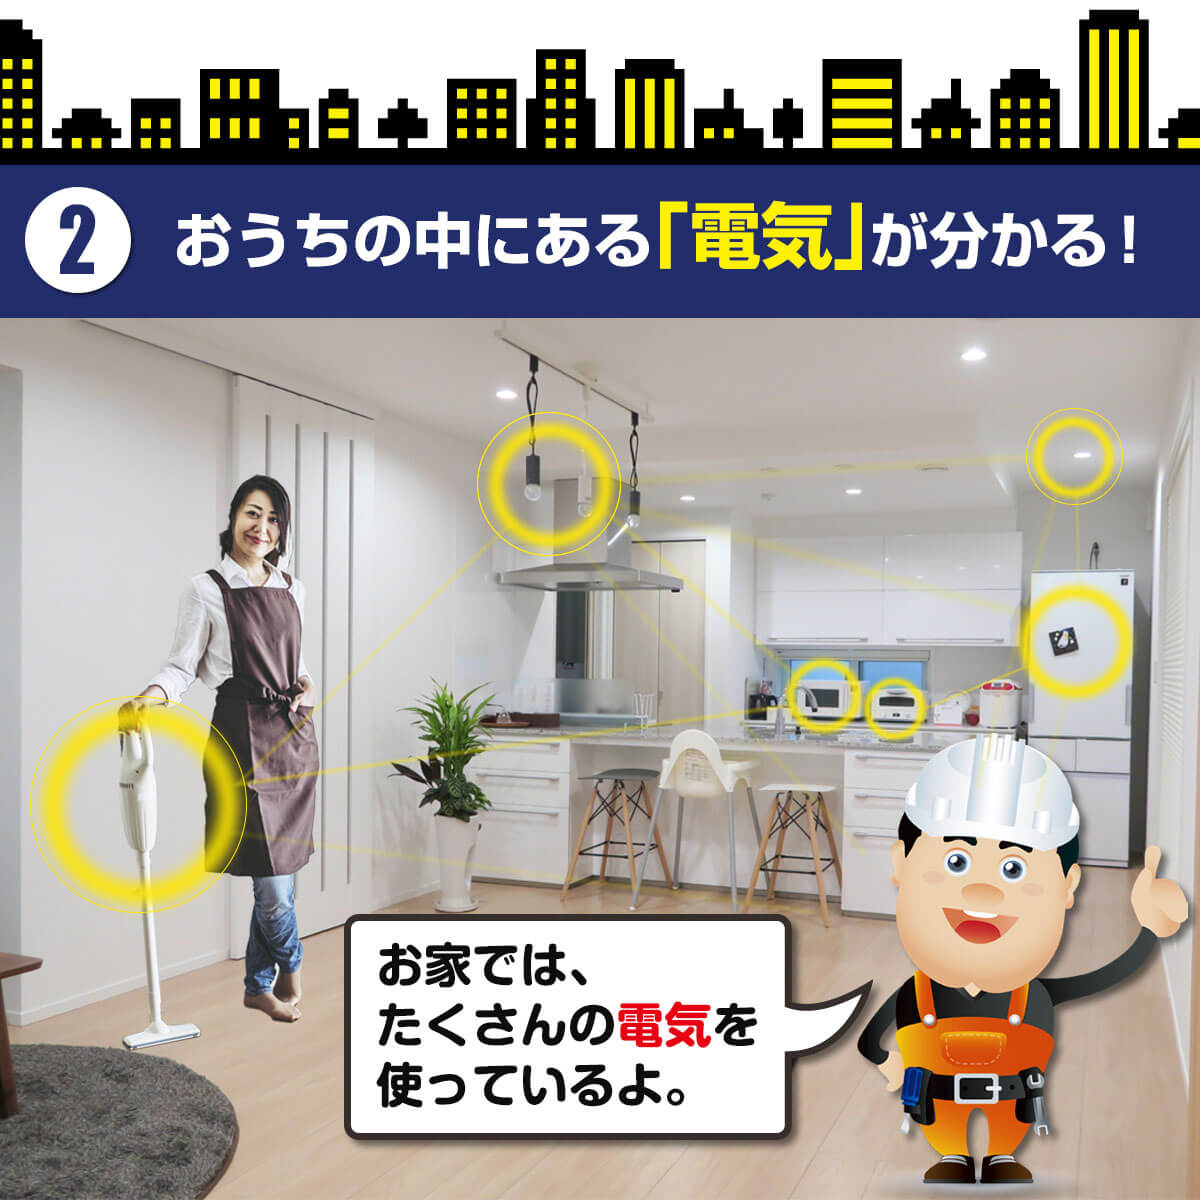 家の電気の仕組みが分かる